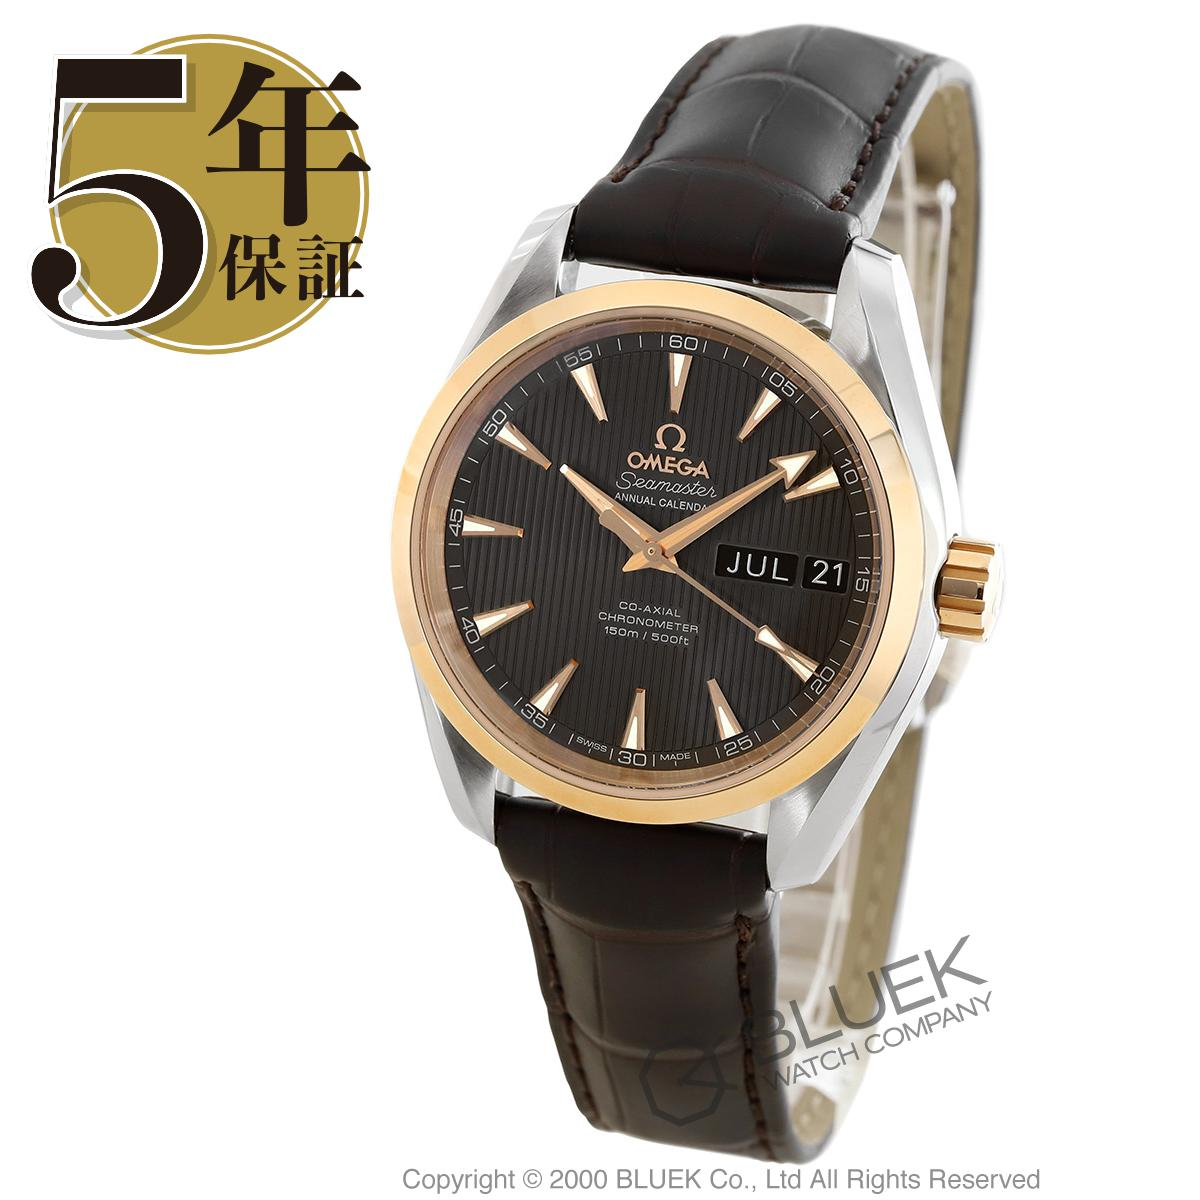 オメガ シーマスター アクアテラ アニュアルカレンダー アリゲーターレザー 腕時計 メンズ OMEGA 231.23.39.22.06.001_5